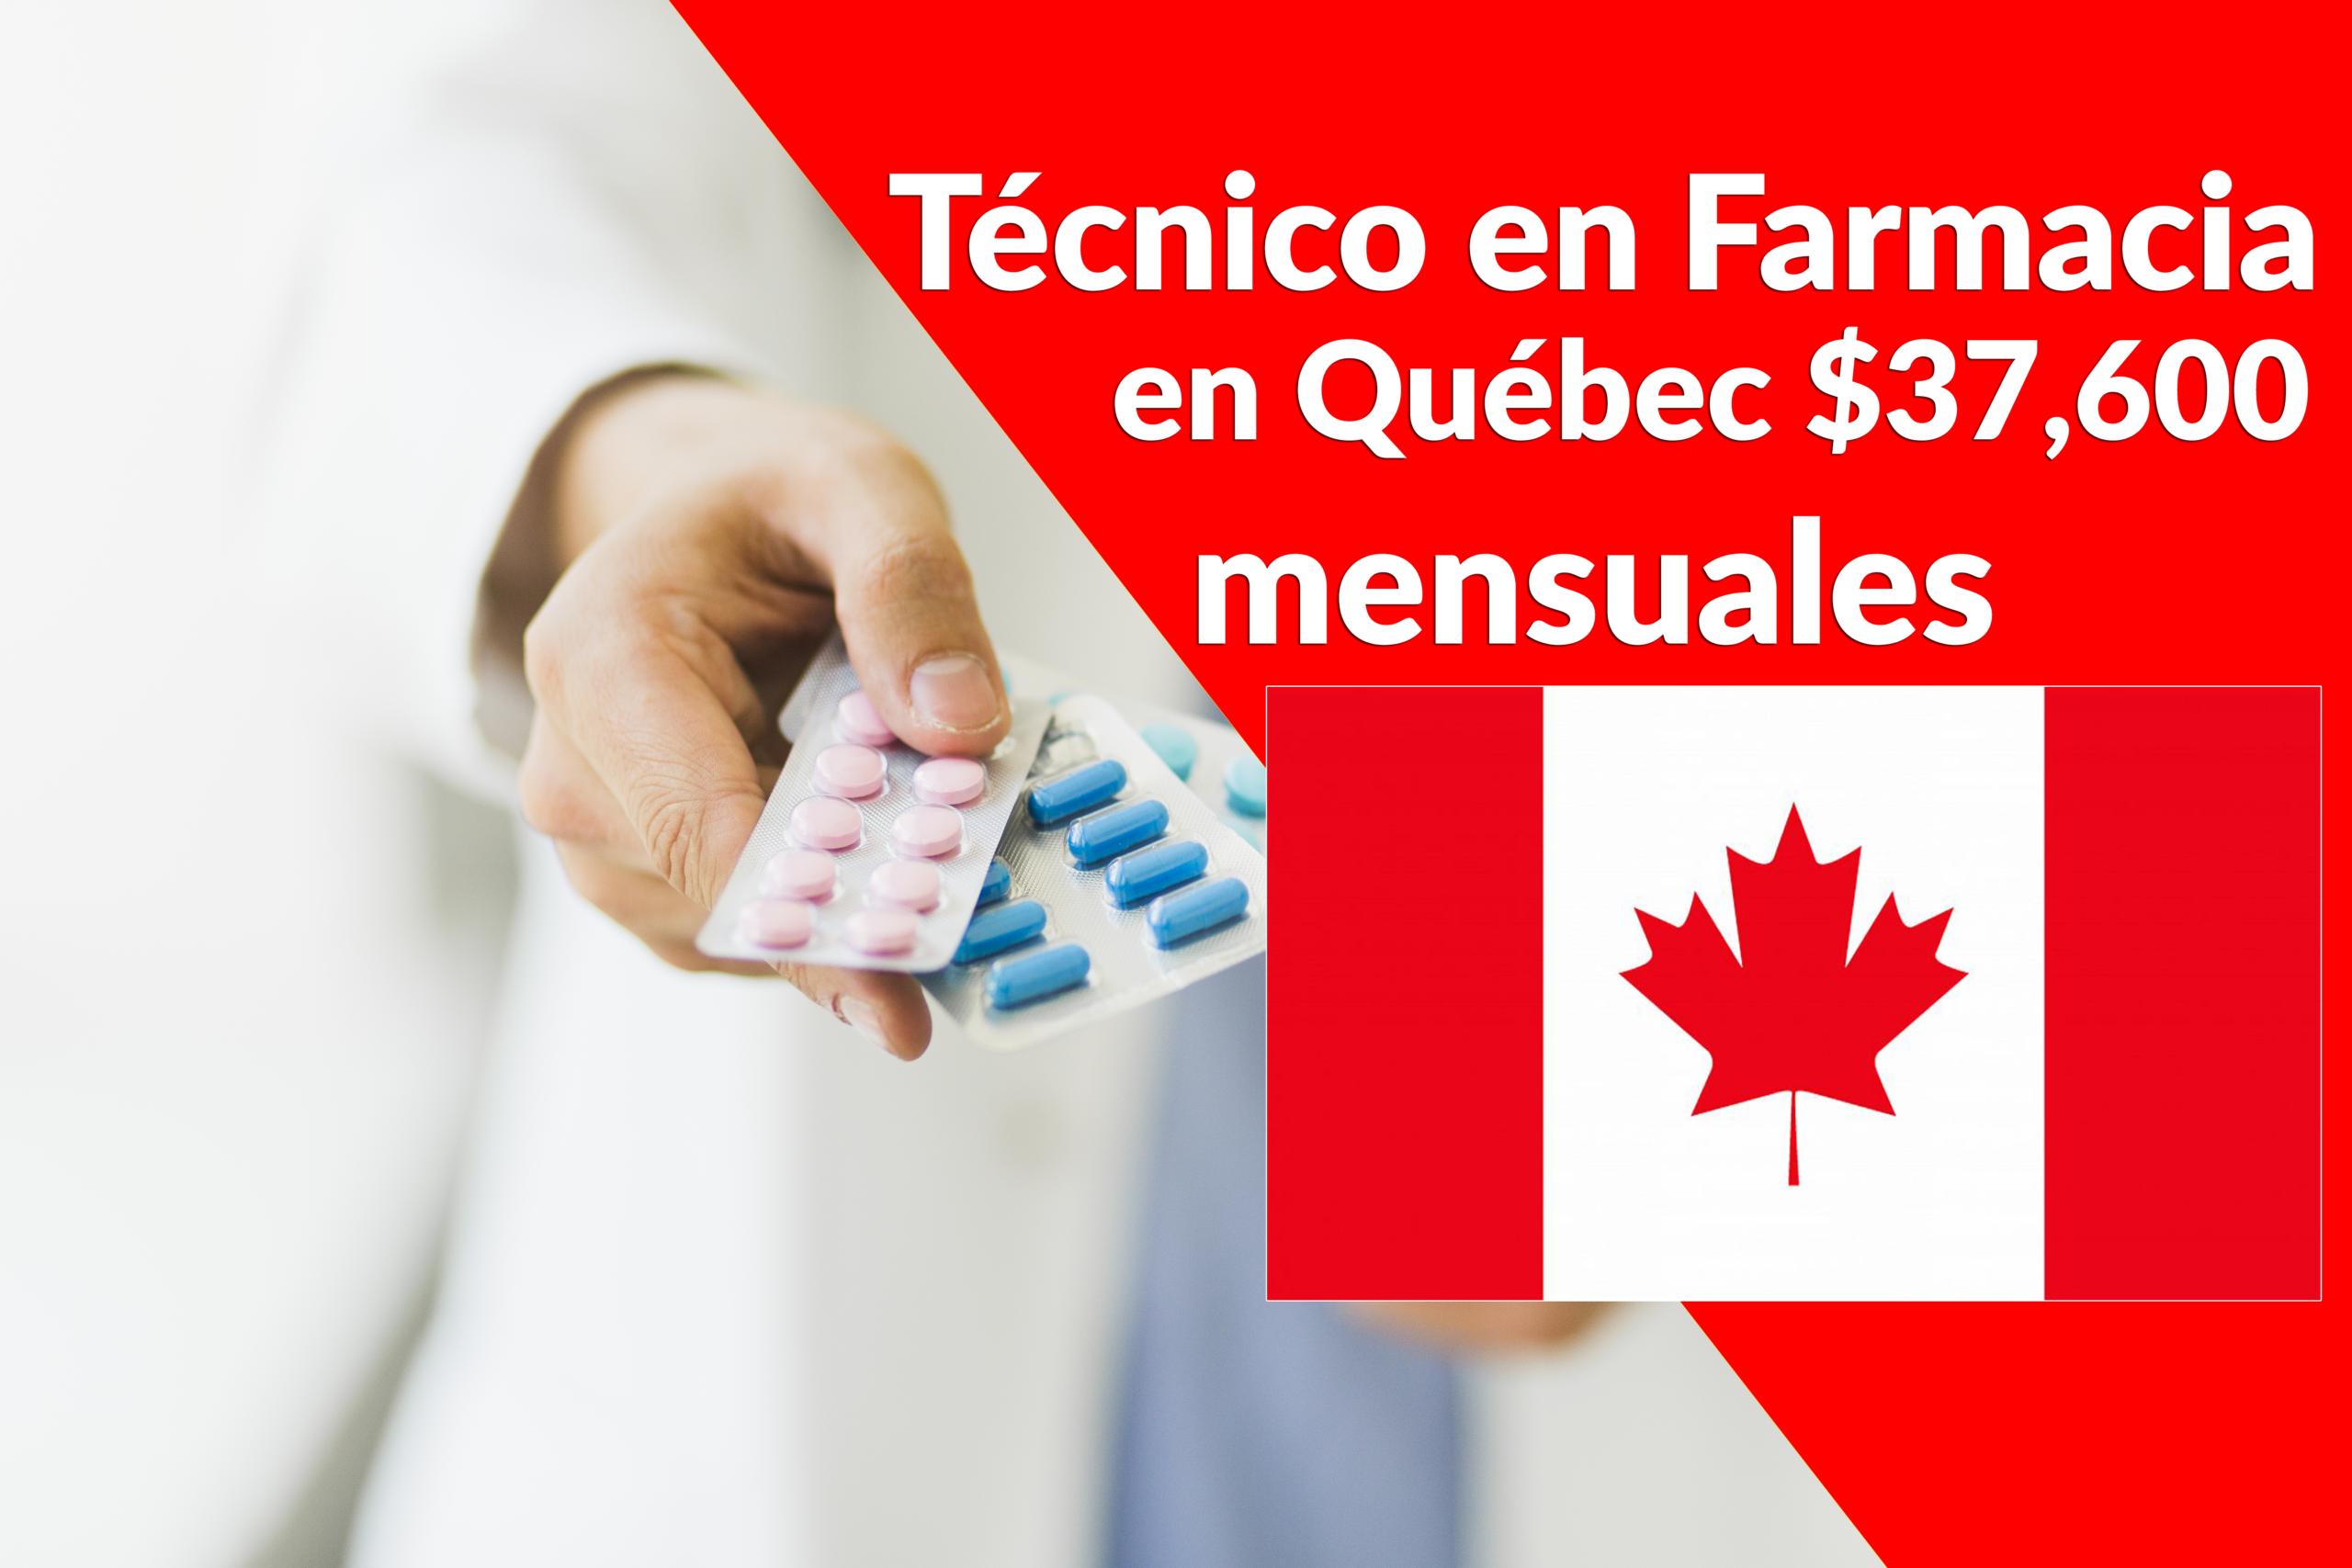 Asistente técnico en farmacia en Québec, $37,600 mensuales